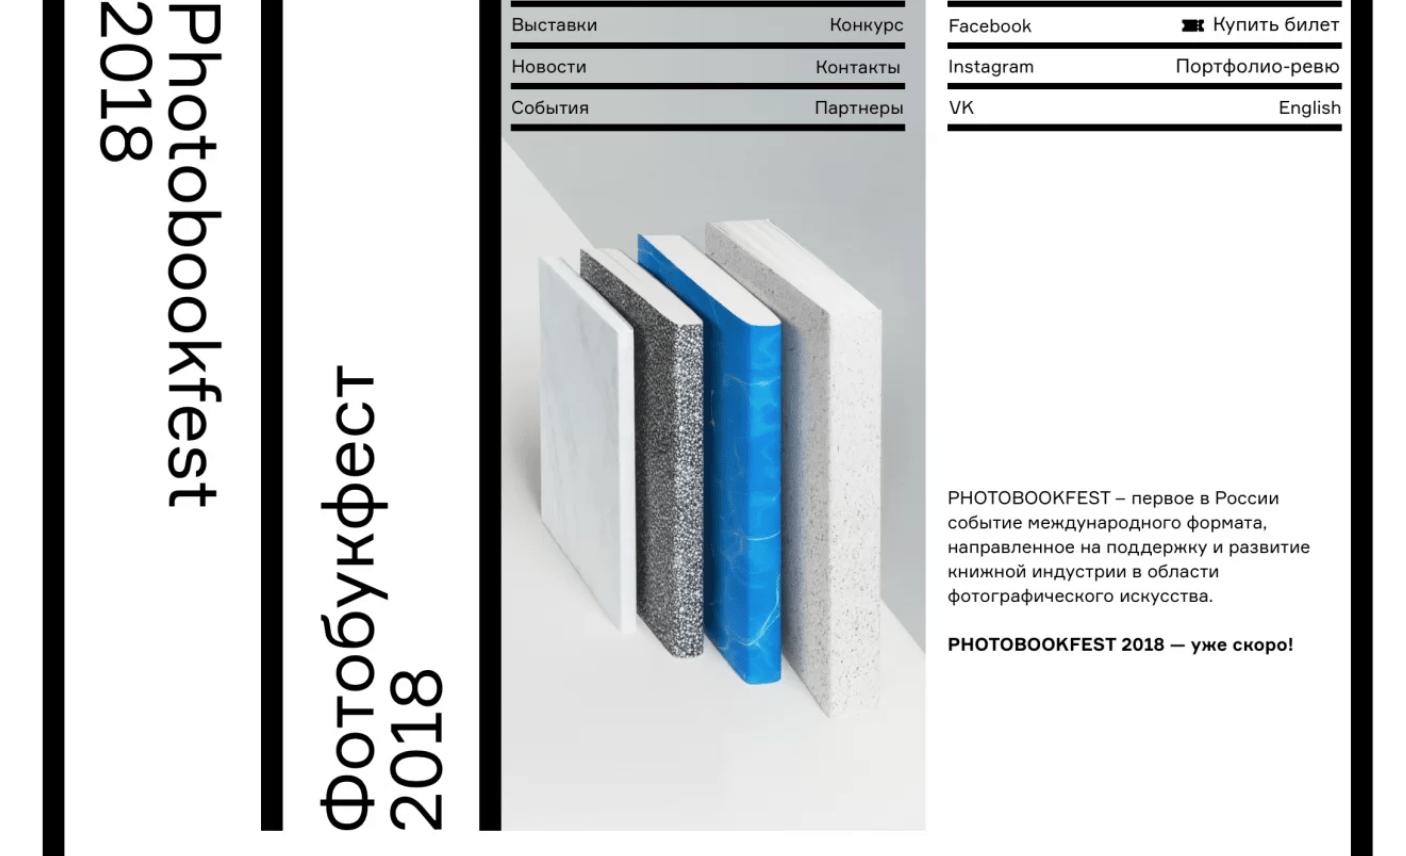 Дизайн Фотобукфест спроектирован колонками через Zero Block